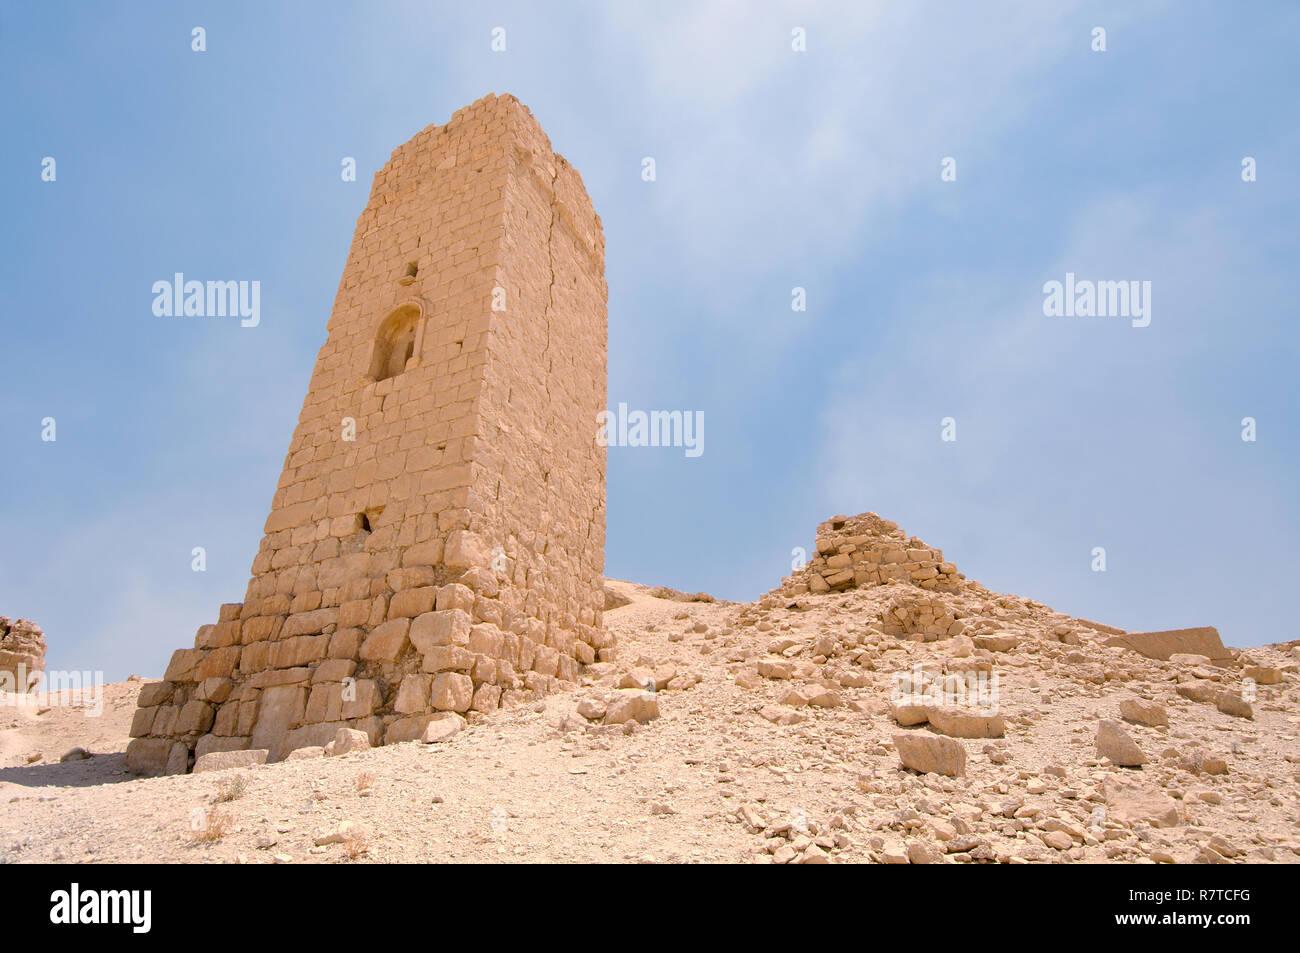 Tower tomb, Palmyra, Tadmur, Palmyra District, Homs Governorate, Syria - Stock Image